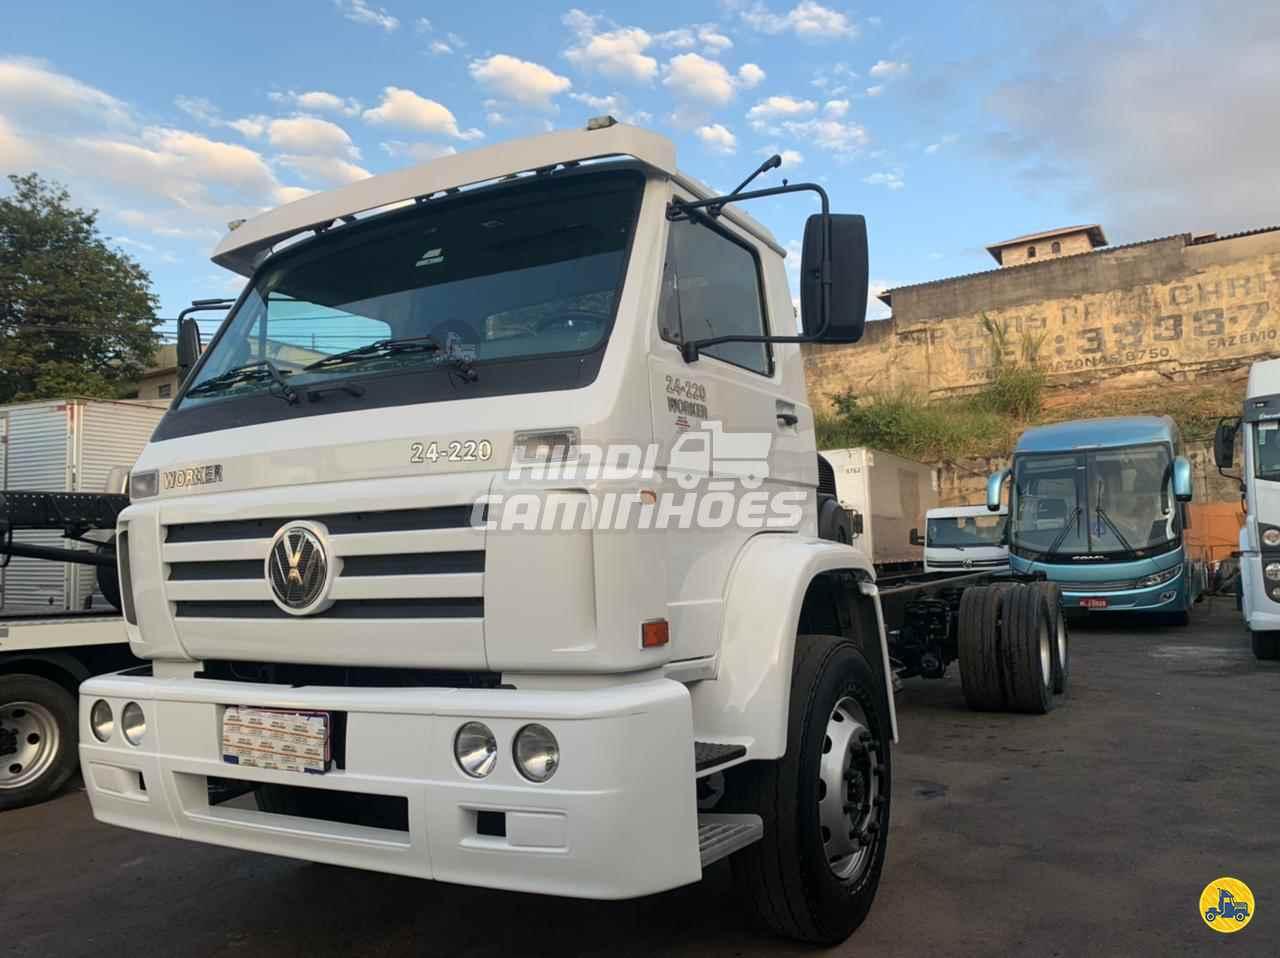 CAMINHAO VOLKSWAGEN VW 24220 Chassis Truck 6x2 Hindi Caminhões CONTAGEM MINAS GERAIS MG